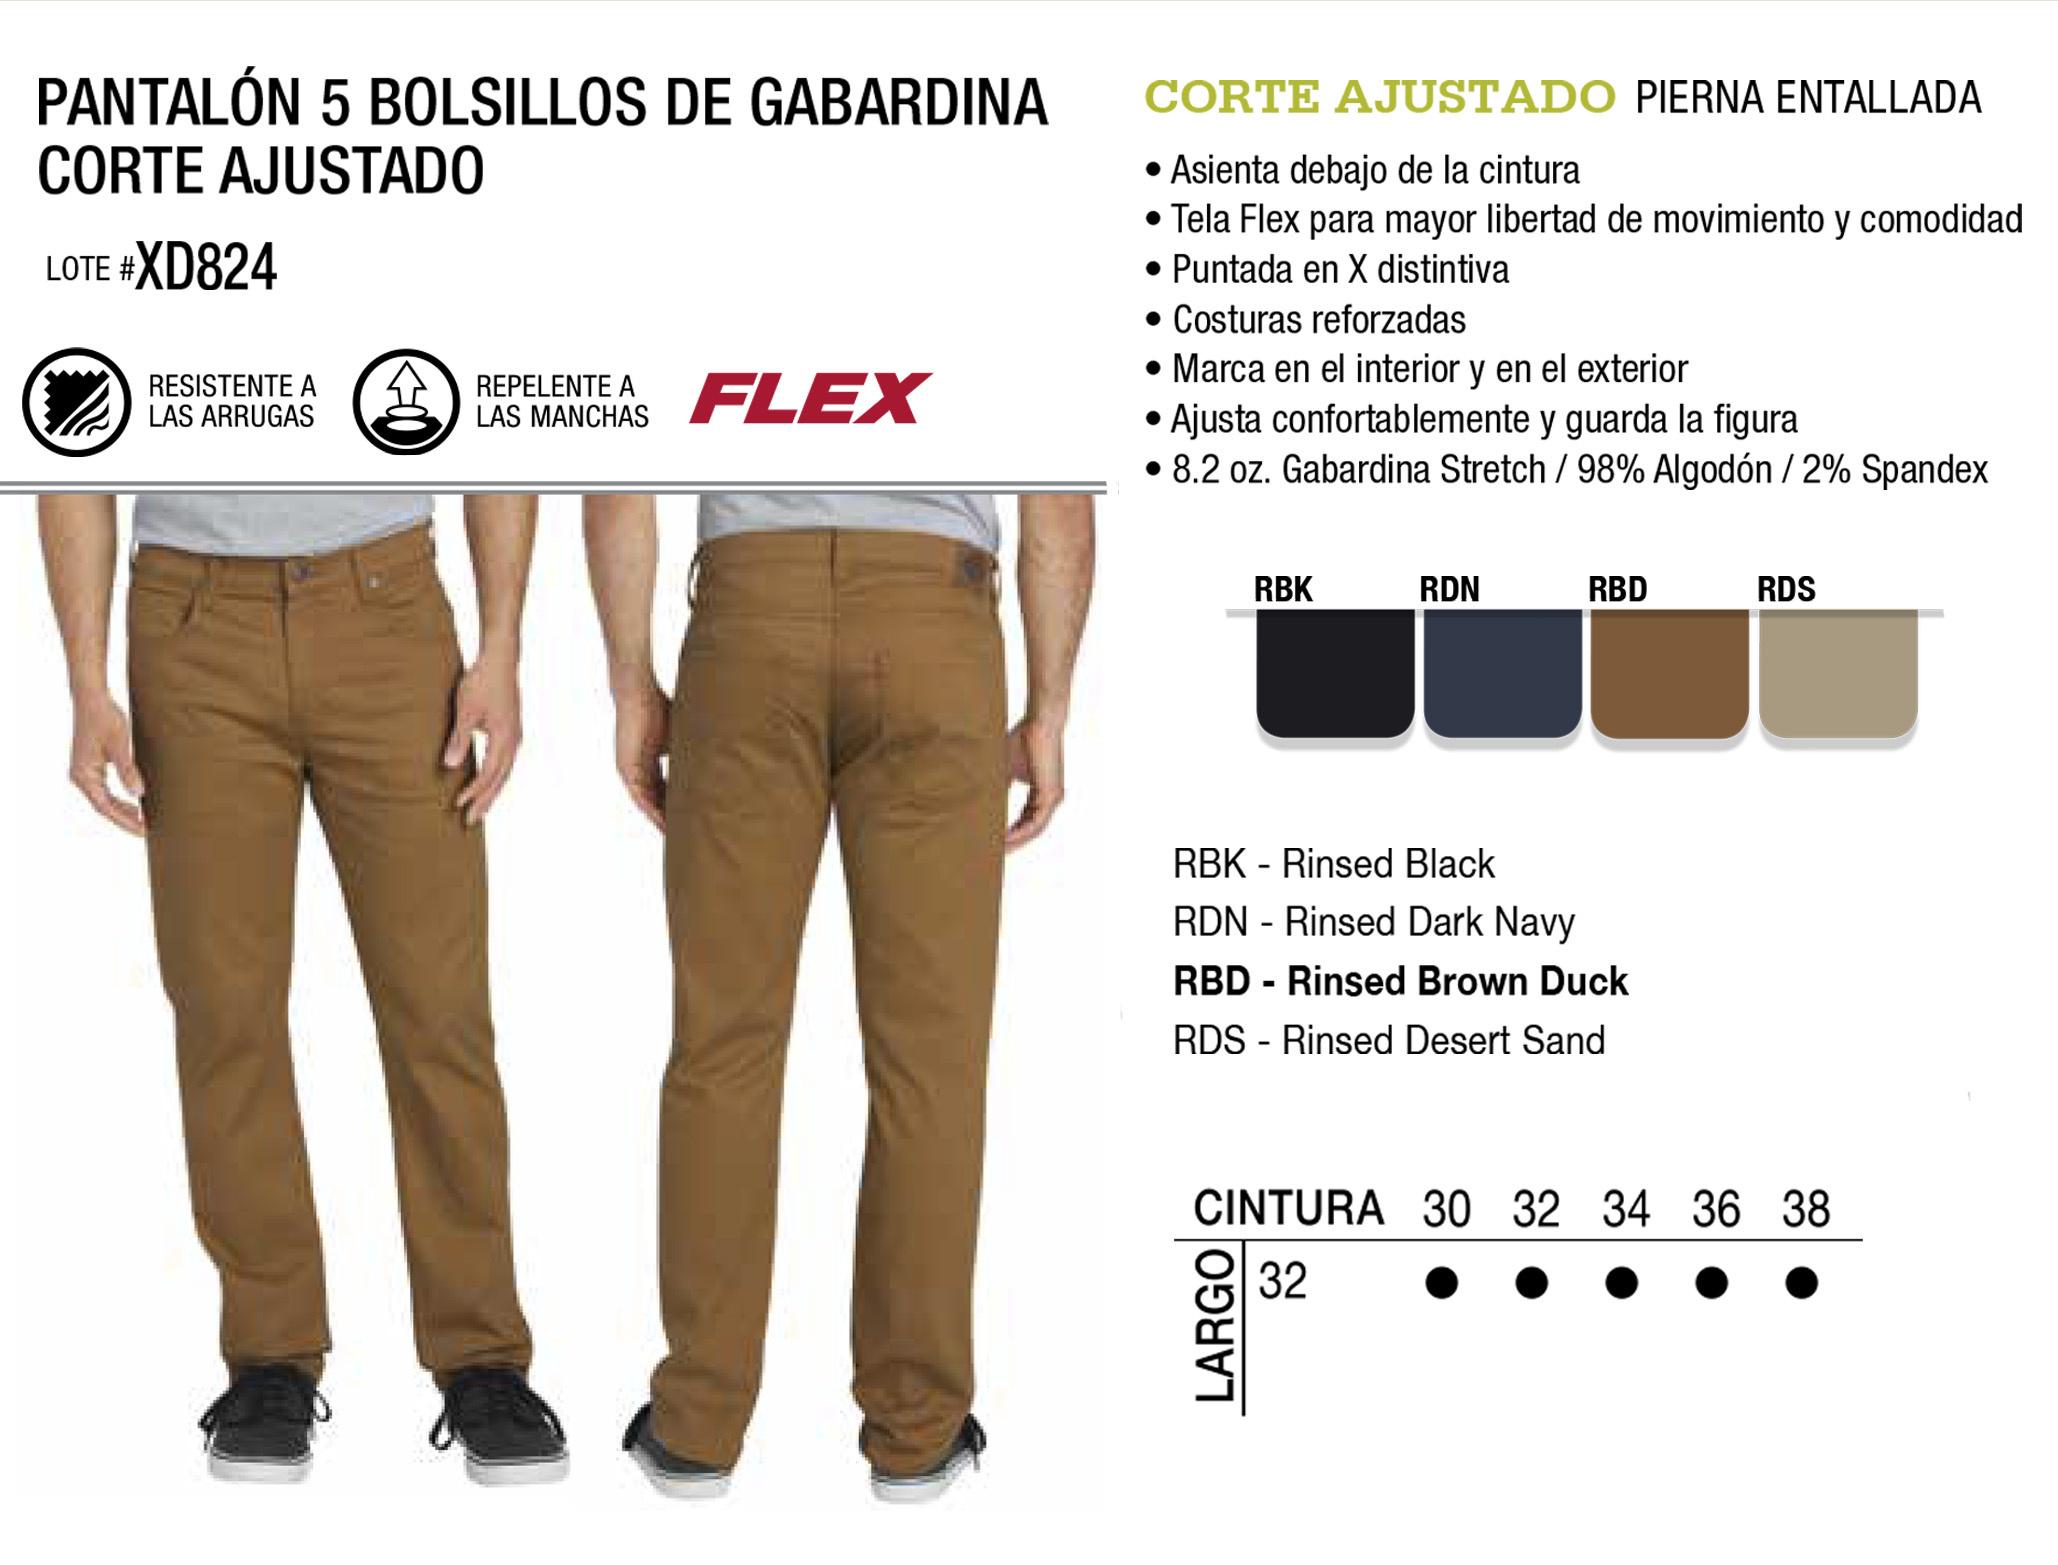 Pantalón 5 Bolsillos de Gabardina Corte Ajustado. Corte Ajustado. XD824.